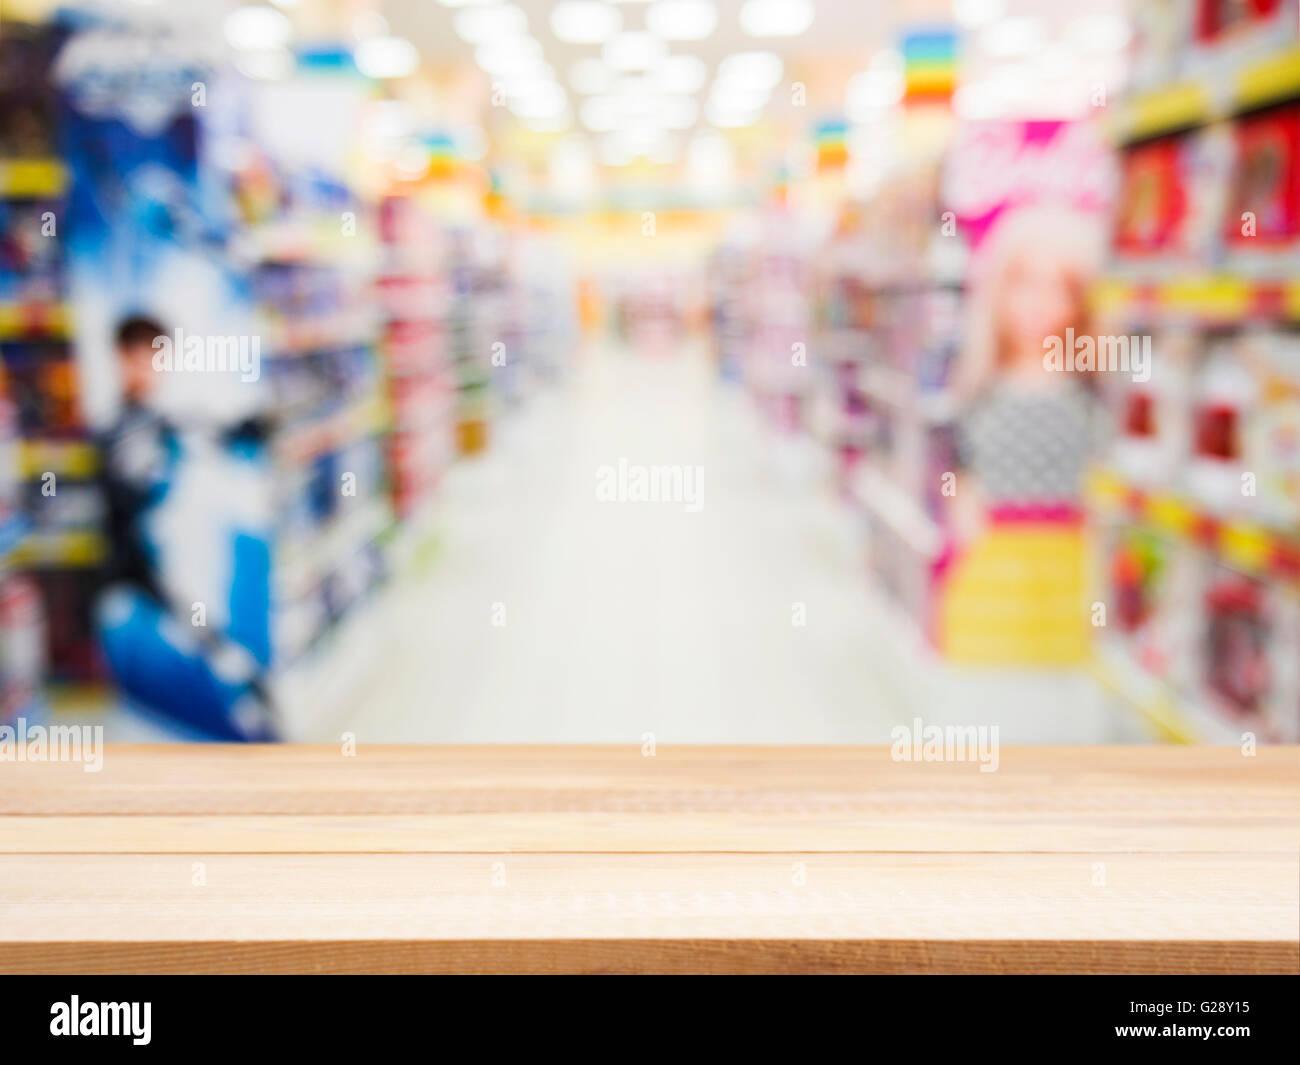 Schön Leere Tabellenvorlage Bilder - Beispiel Anschreiben für ...